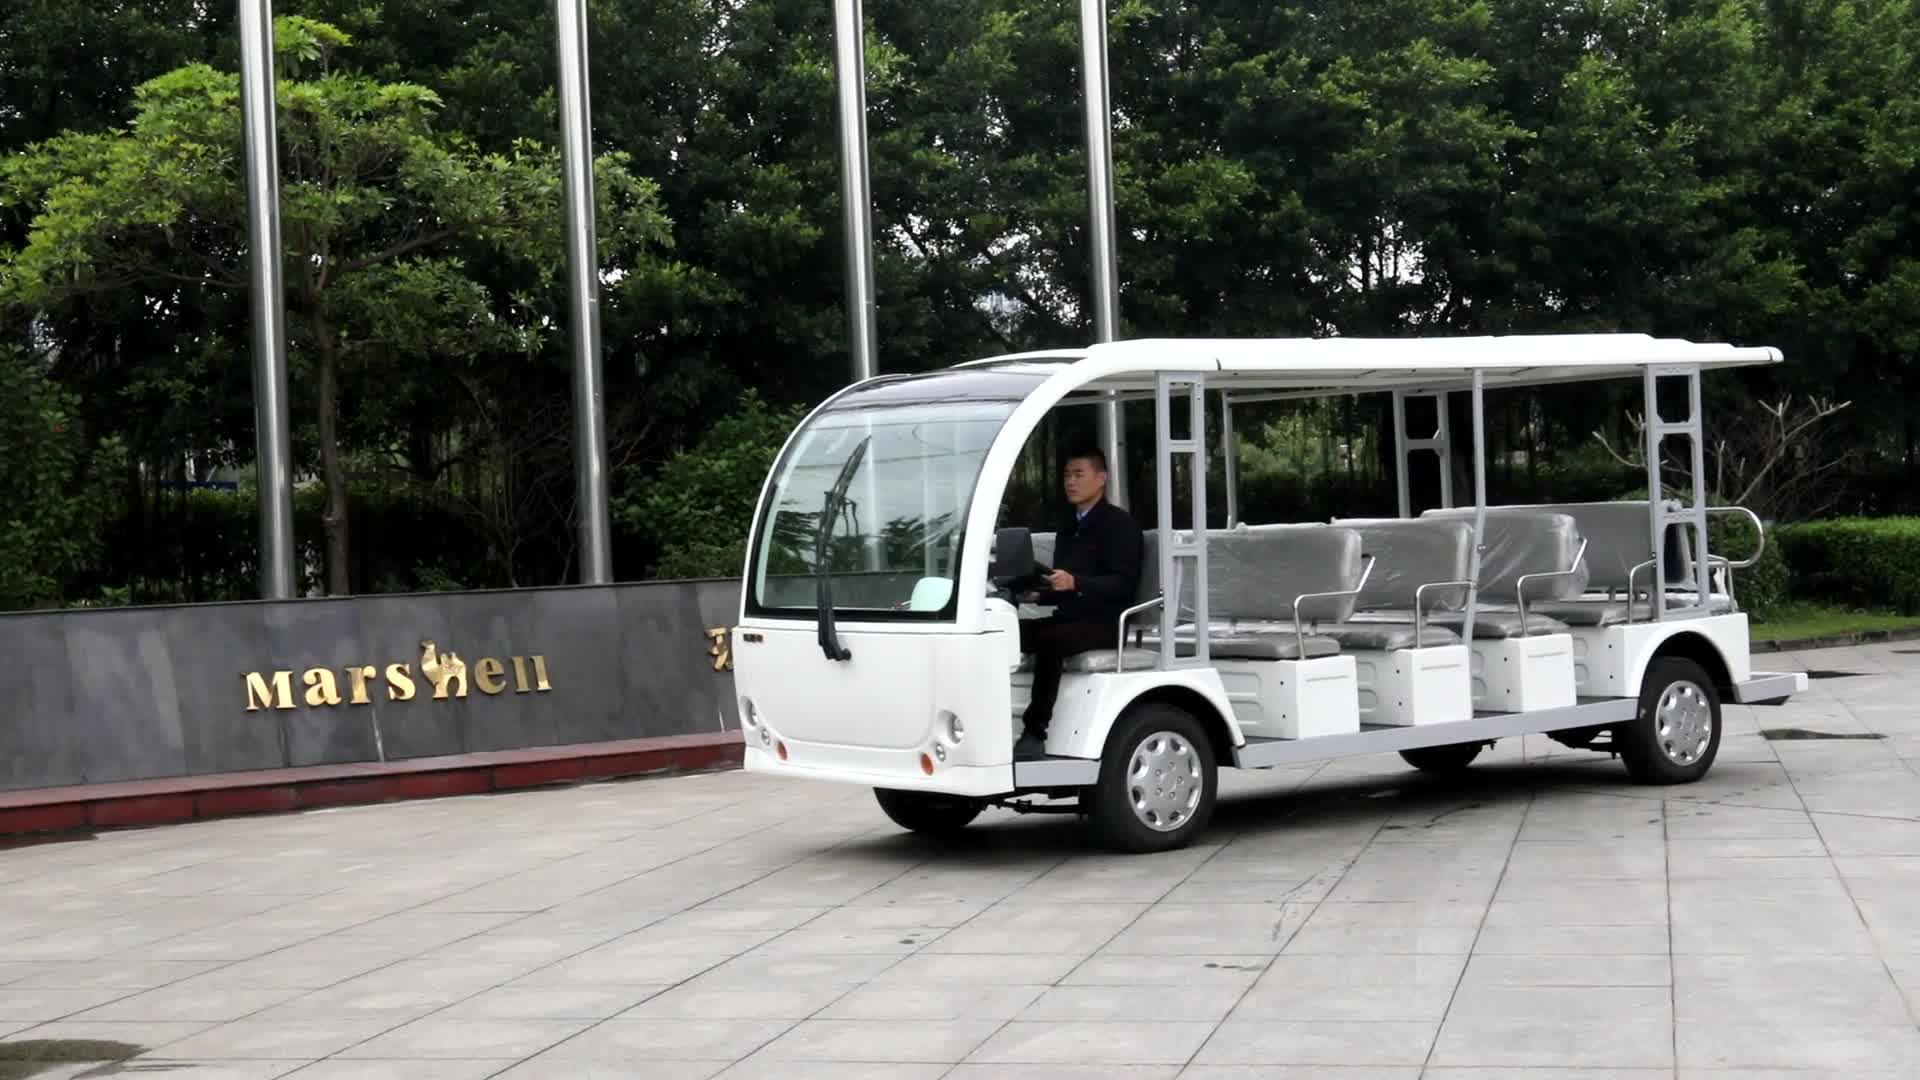 23 Sitzelektrischer offener Bus mit CER-Bescheinigung DN-23 (China)